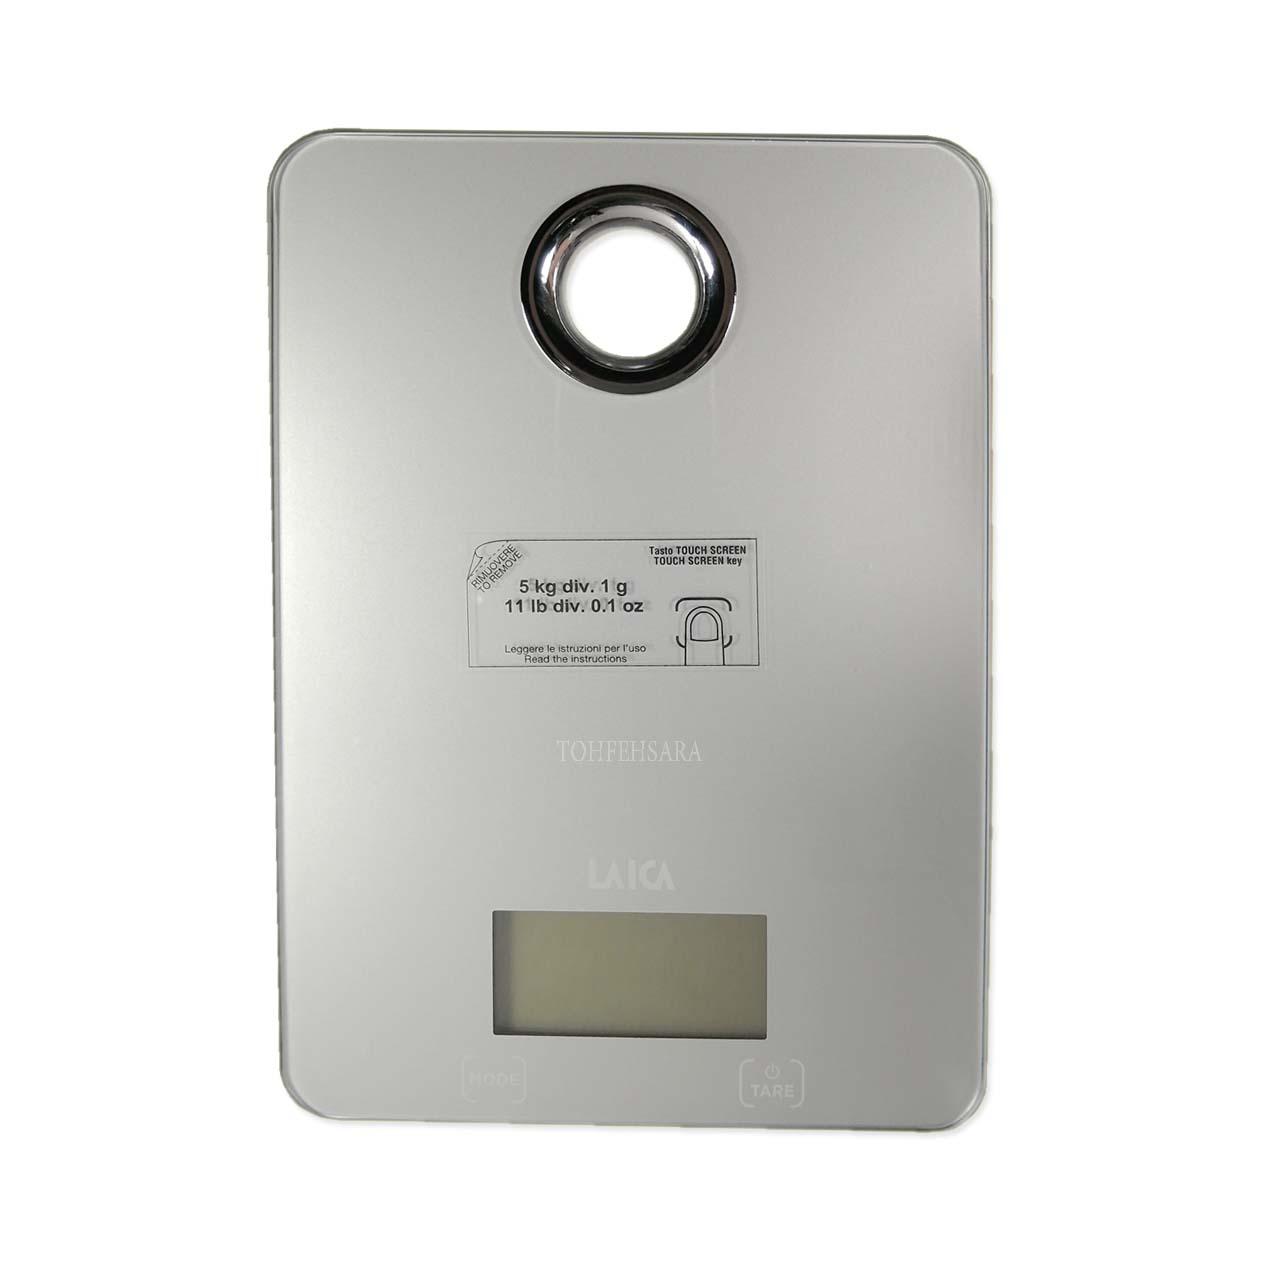 لایکا ترازو آشپزخانه مربع حلقه نقره ای ۱۳۰۰